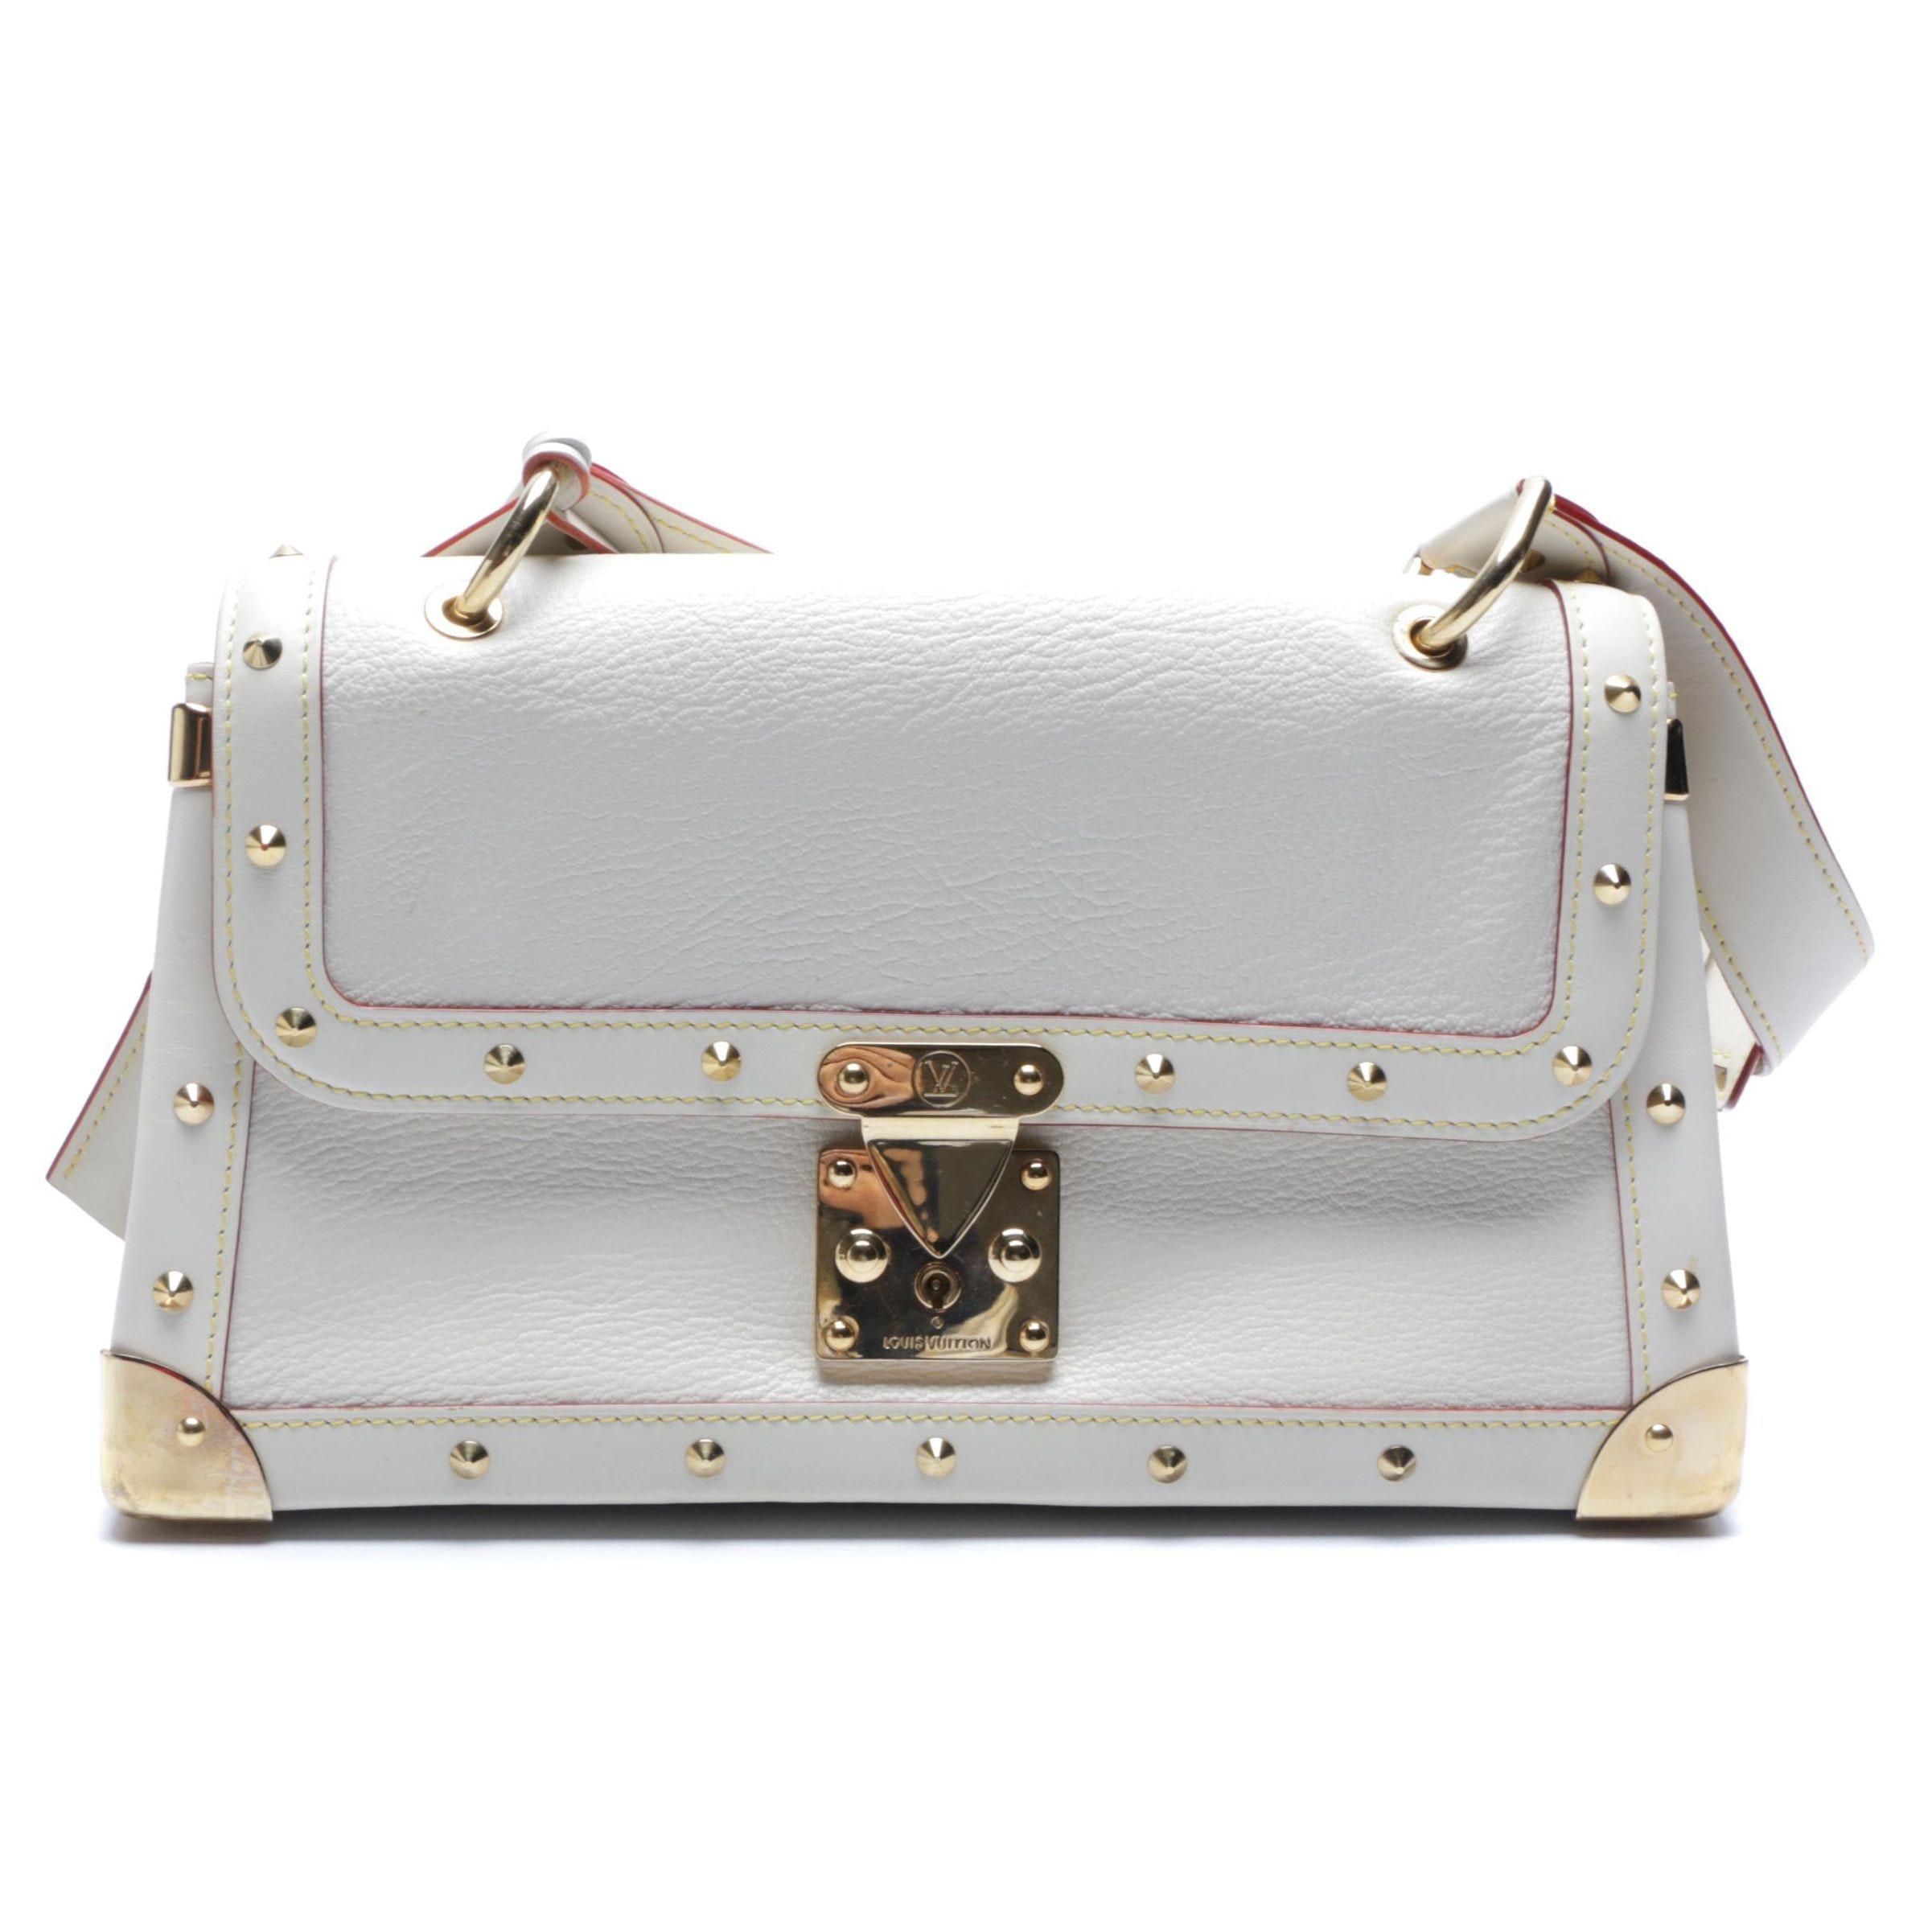 2003 Louis Vuitton Paris White Suhali Leather L'Aimable Bag